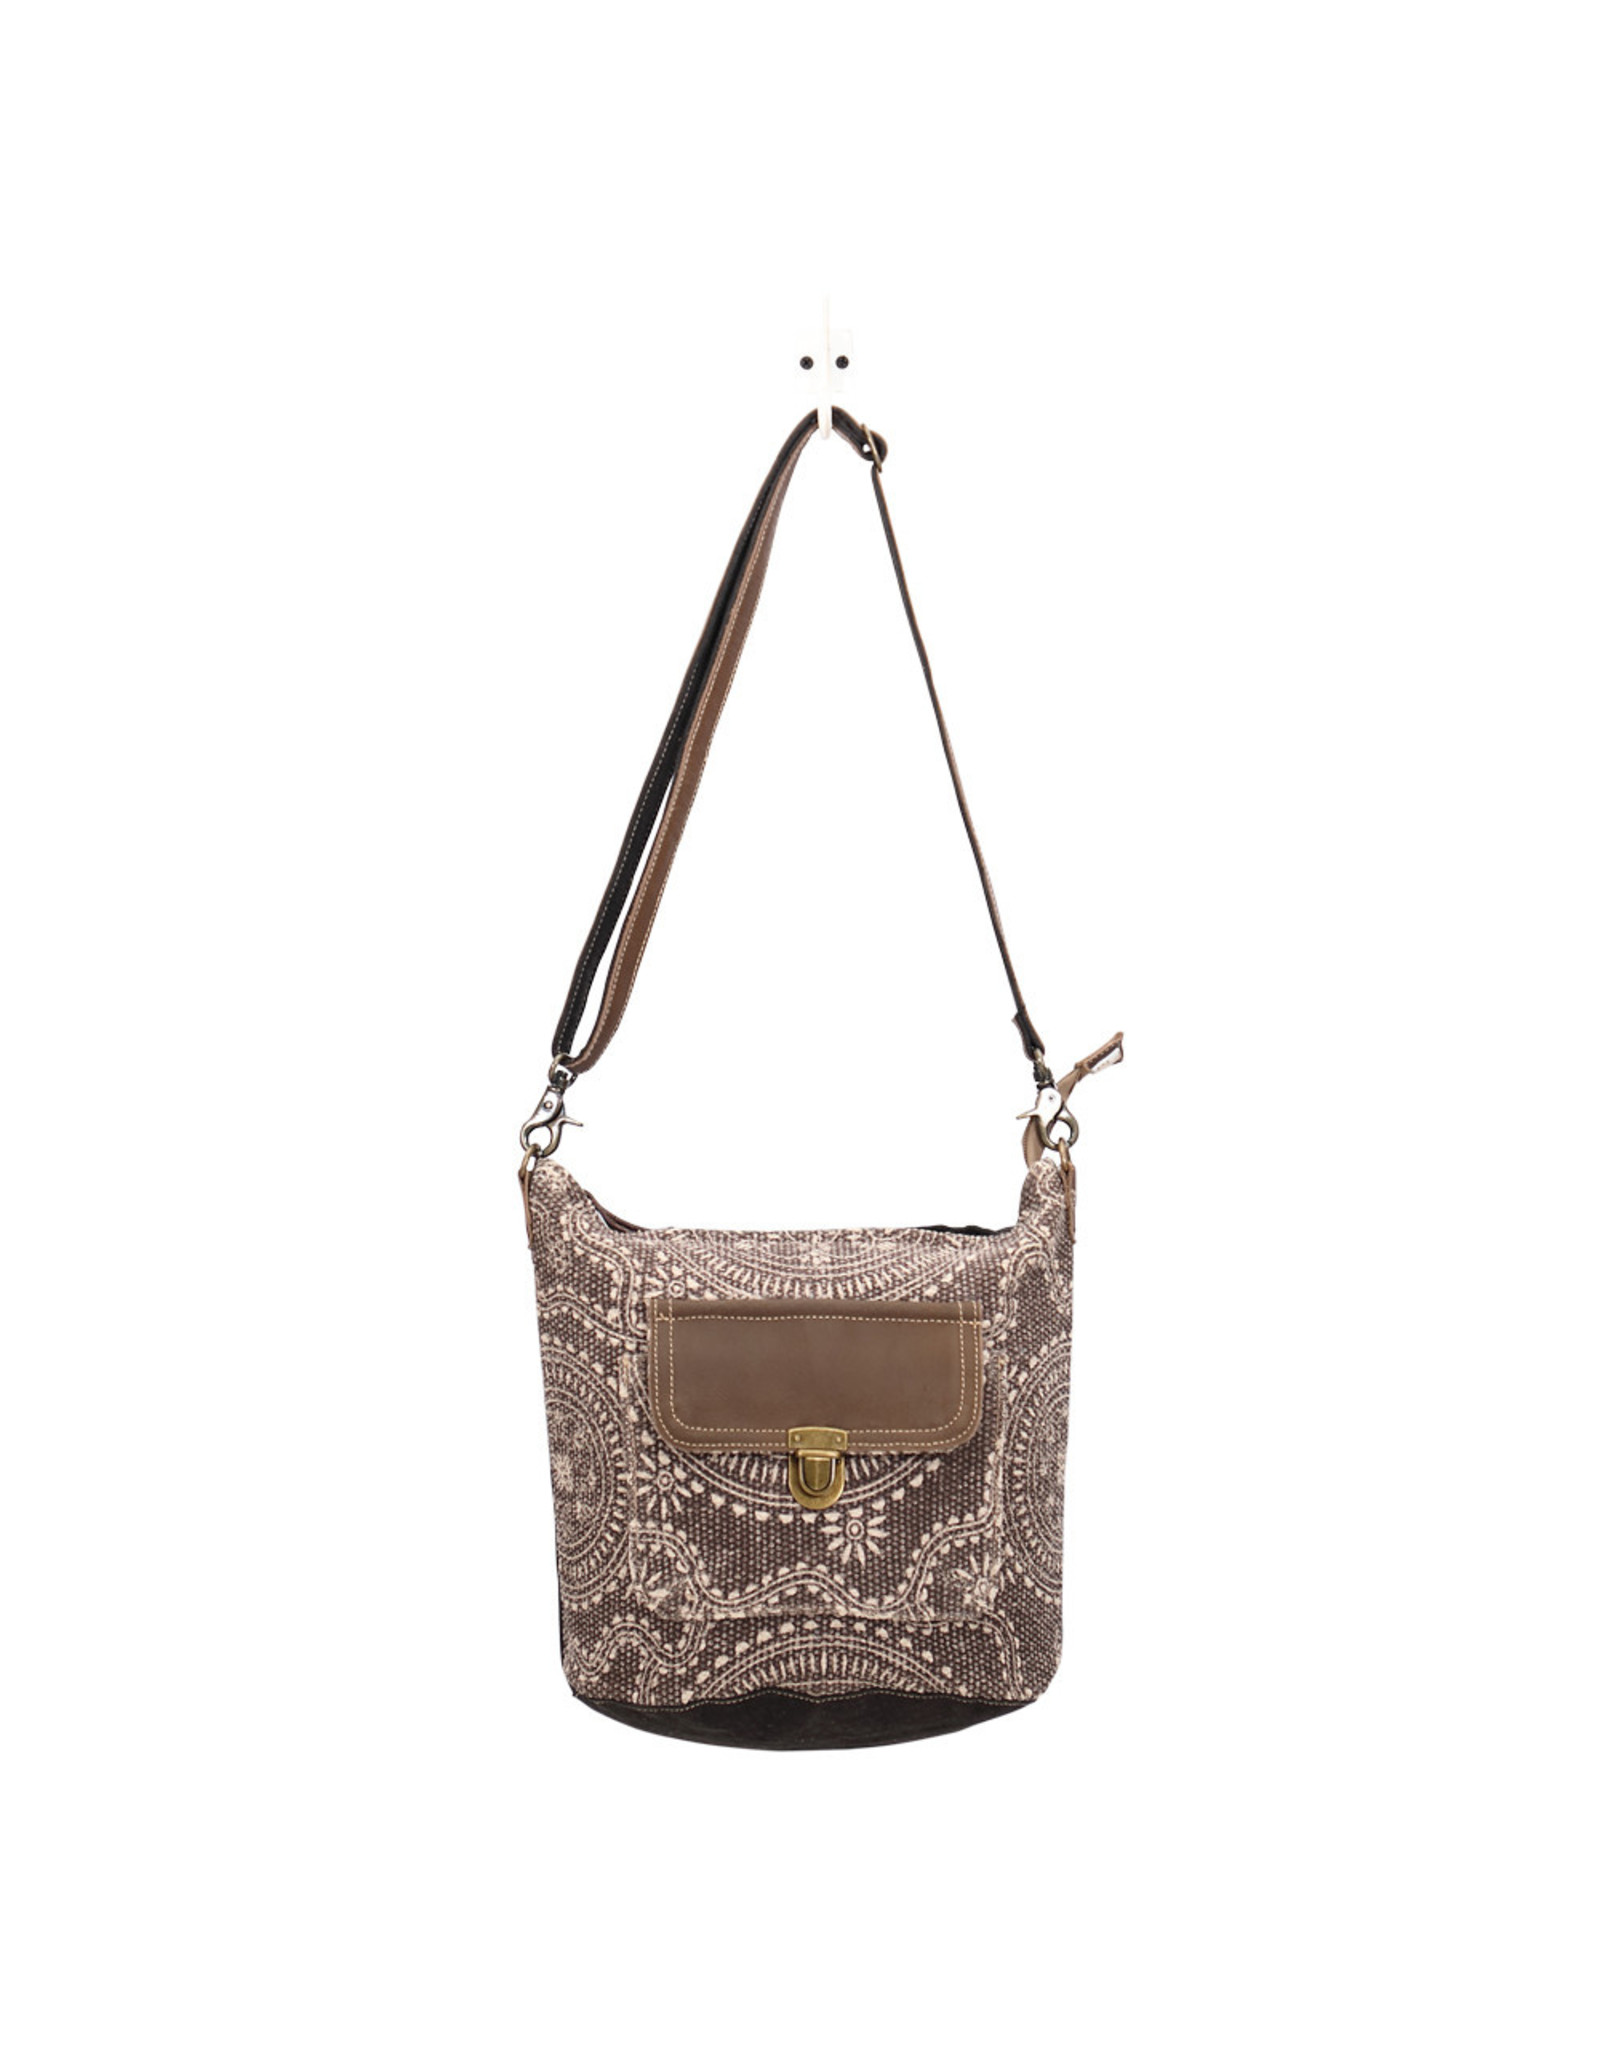 Myra Bags S-1451 Indigo Shoulder Bag